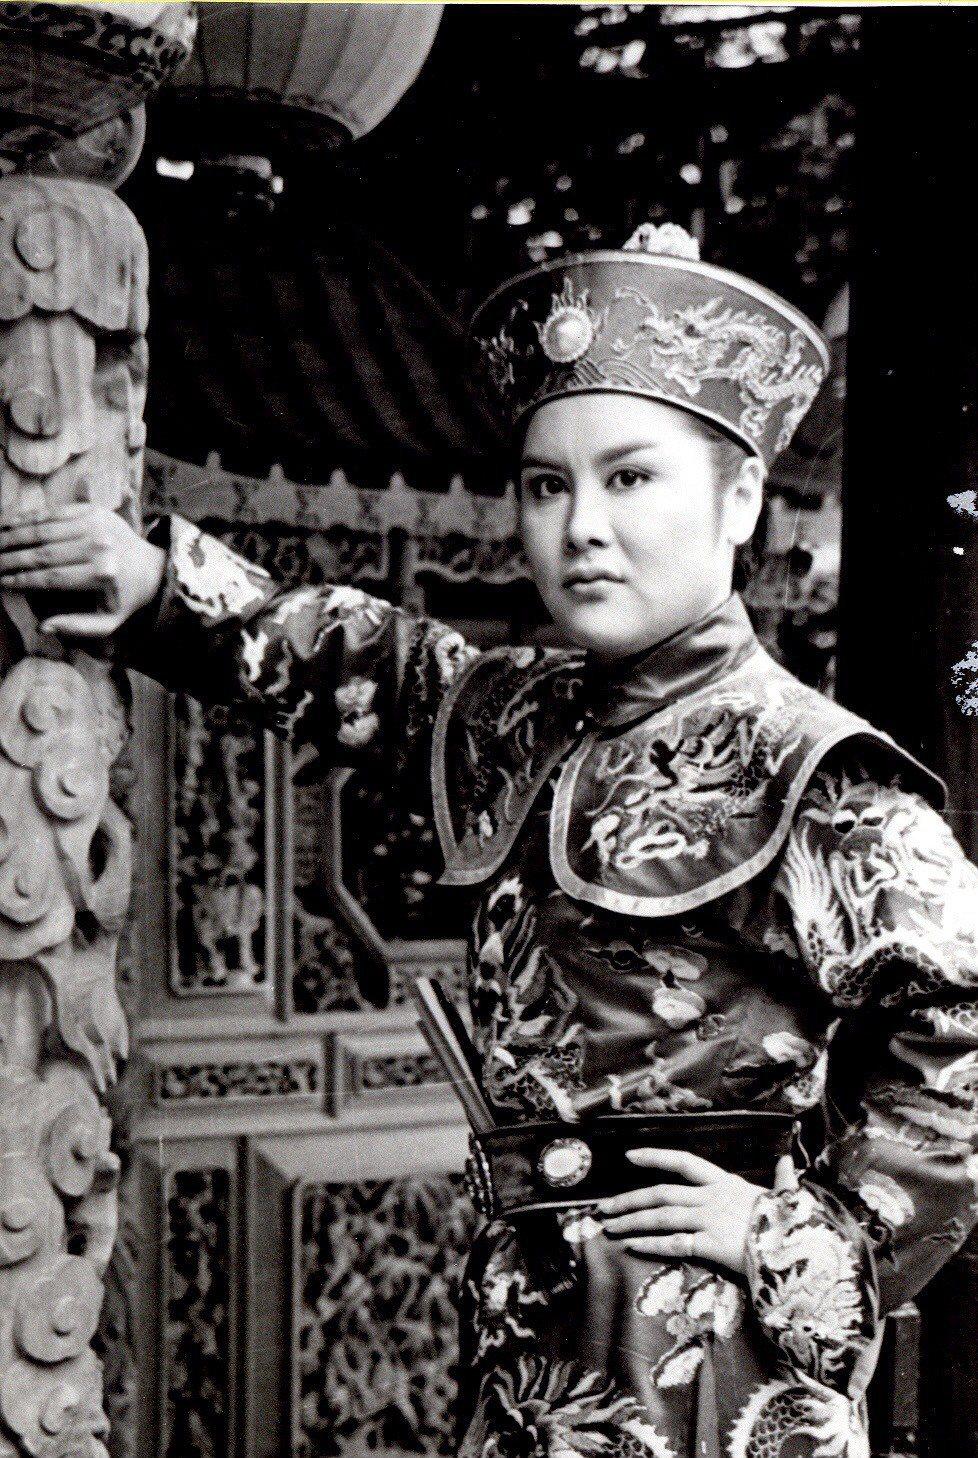 陳麗麗1980年反串飾演「江南遊」中的小王爺一角成名,得到「小王爺」的暱稱。 圖...